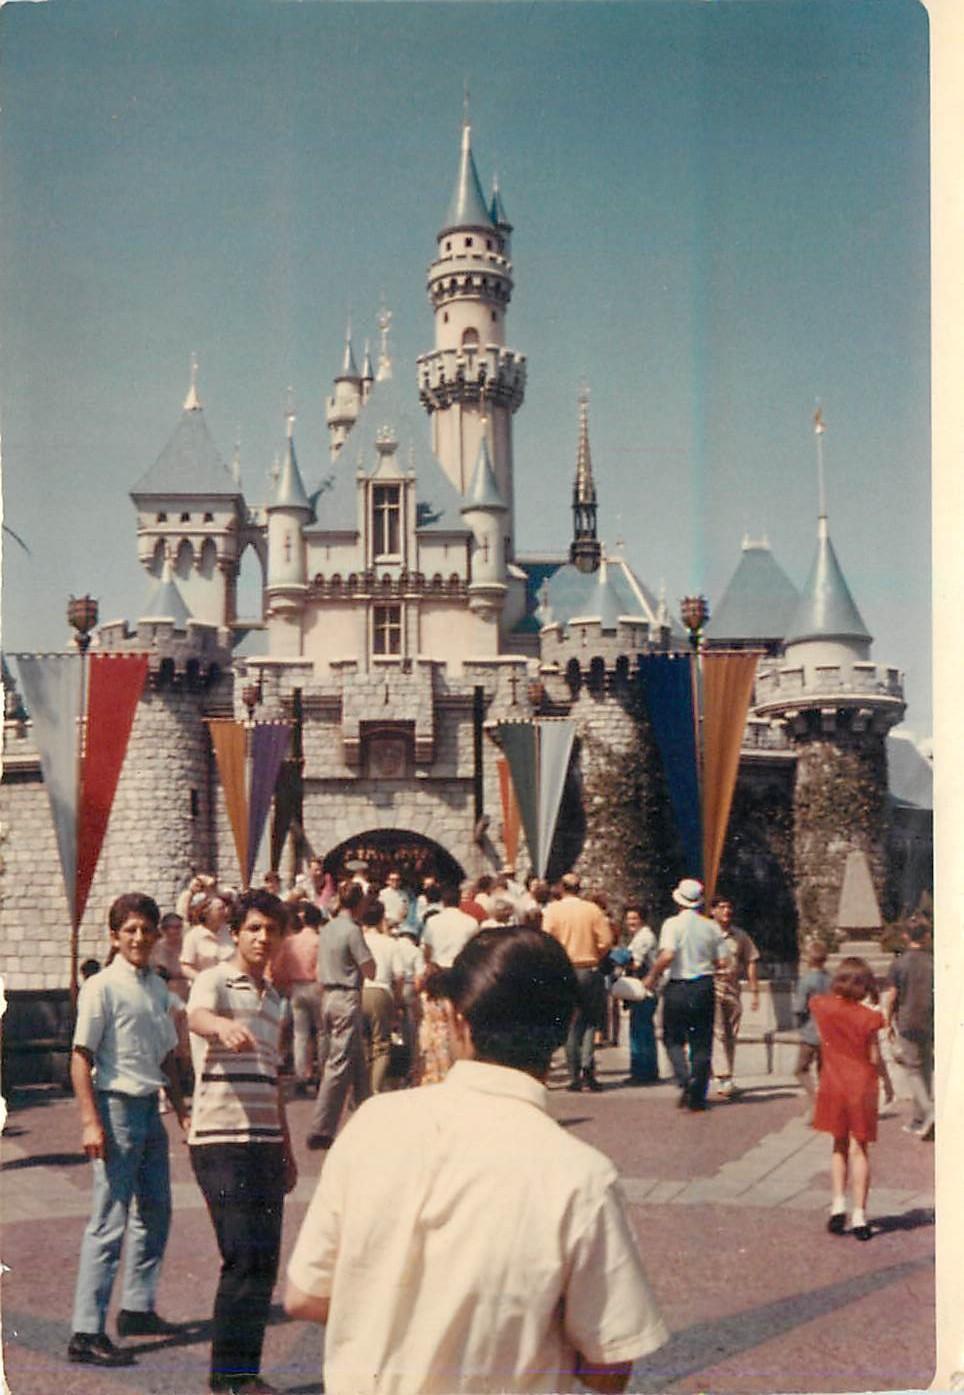 Found Disneyland Photos From 1972